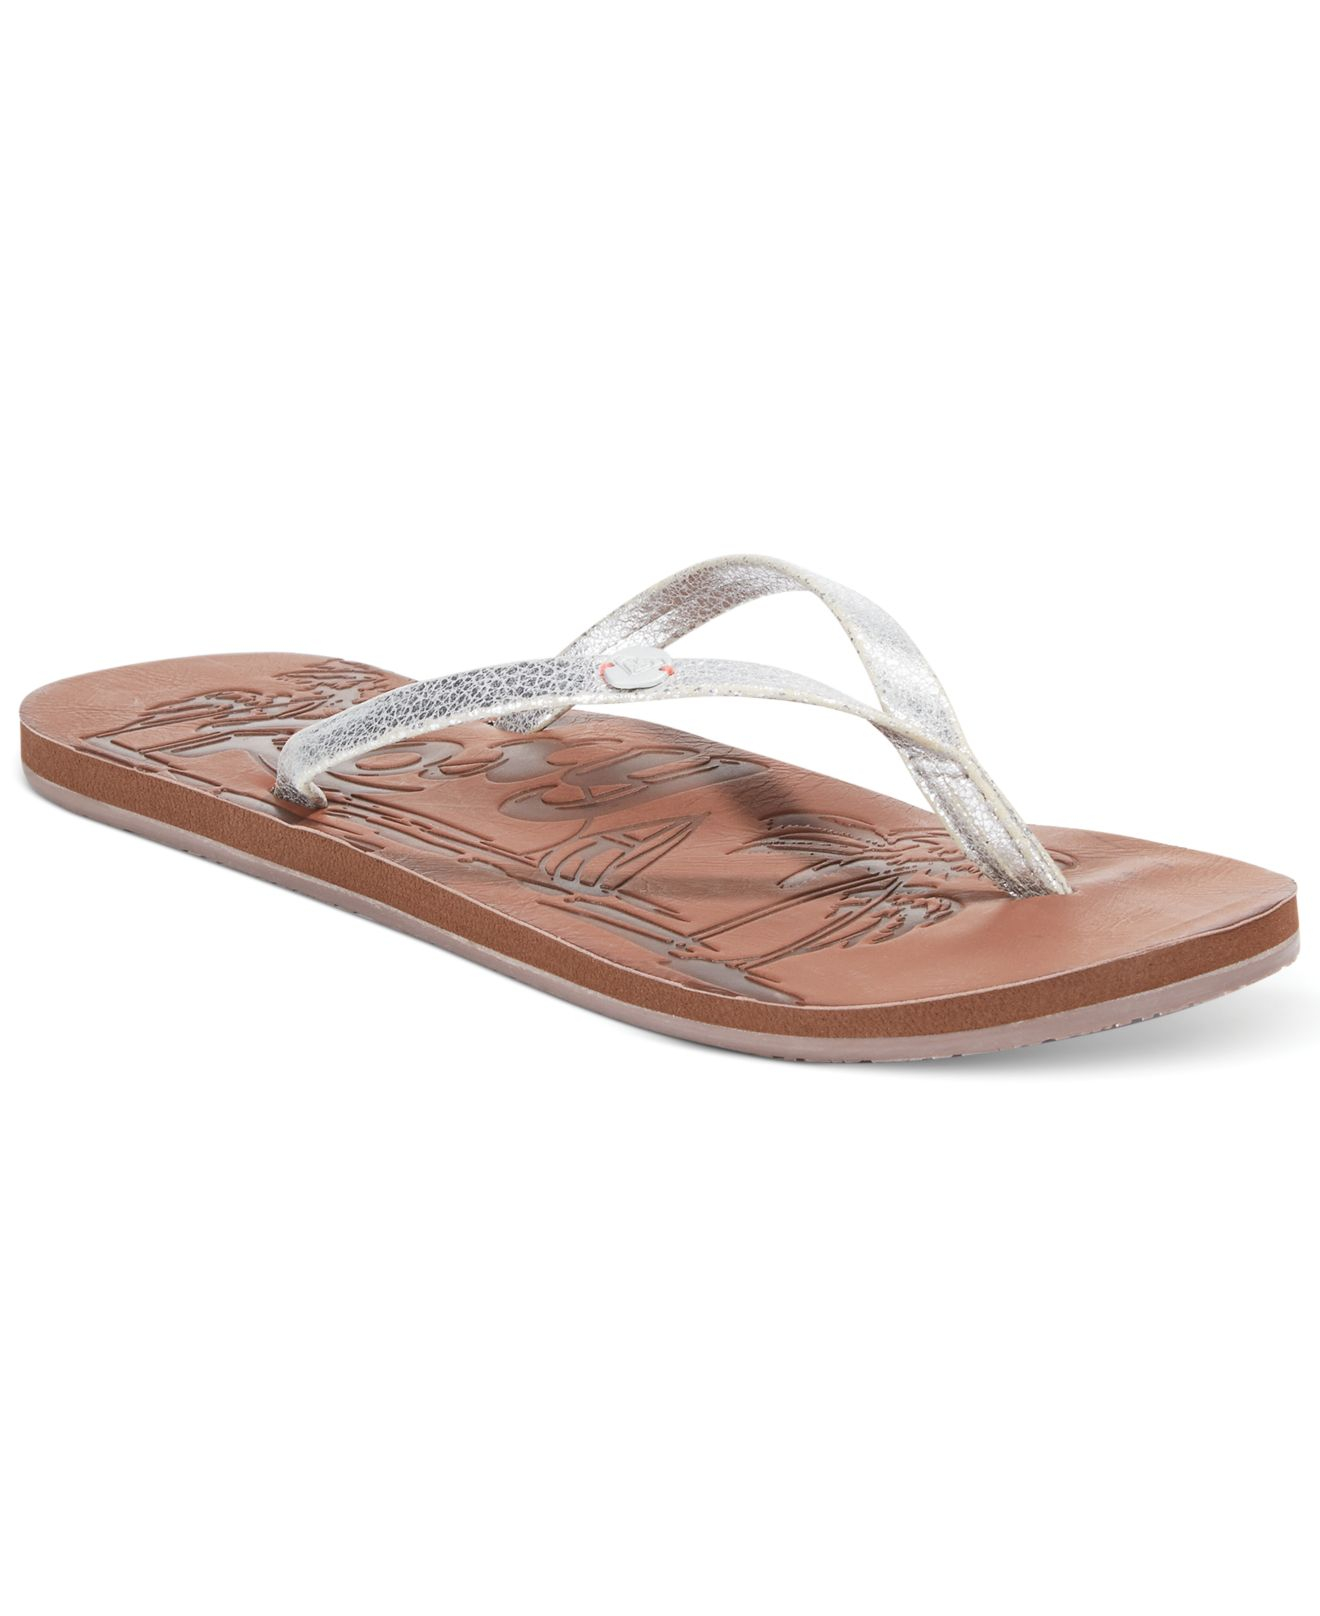 8436dee08c85 Lyst - Roxy Chia Flip Flops in Metallic